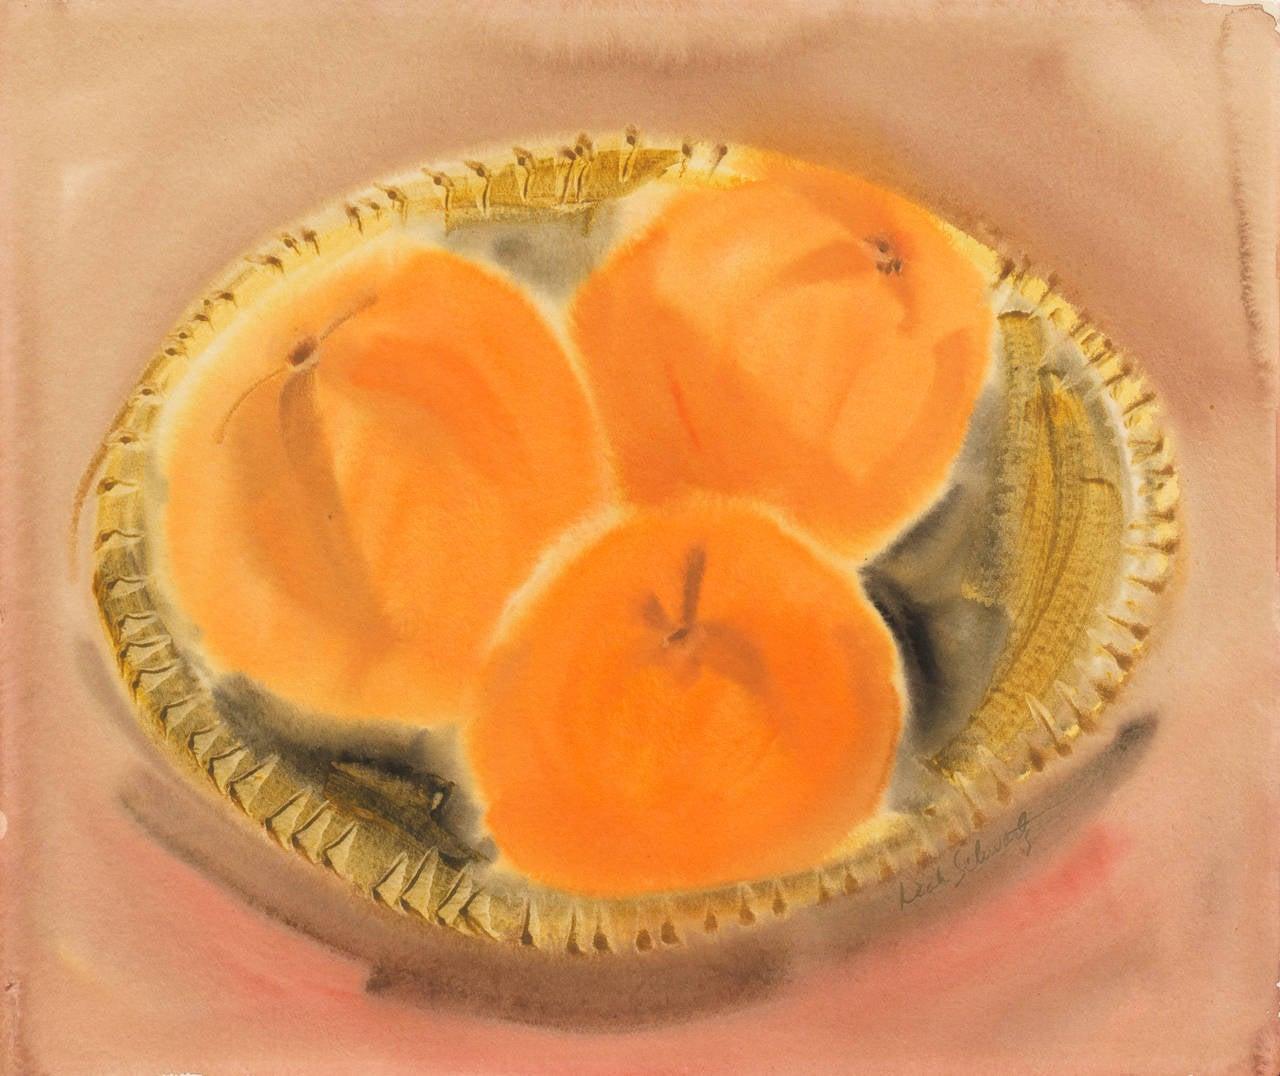 'Peaches in a Woven Basket', California Woman Artist